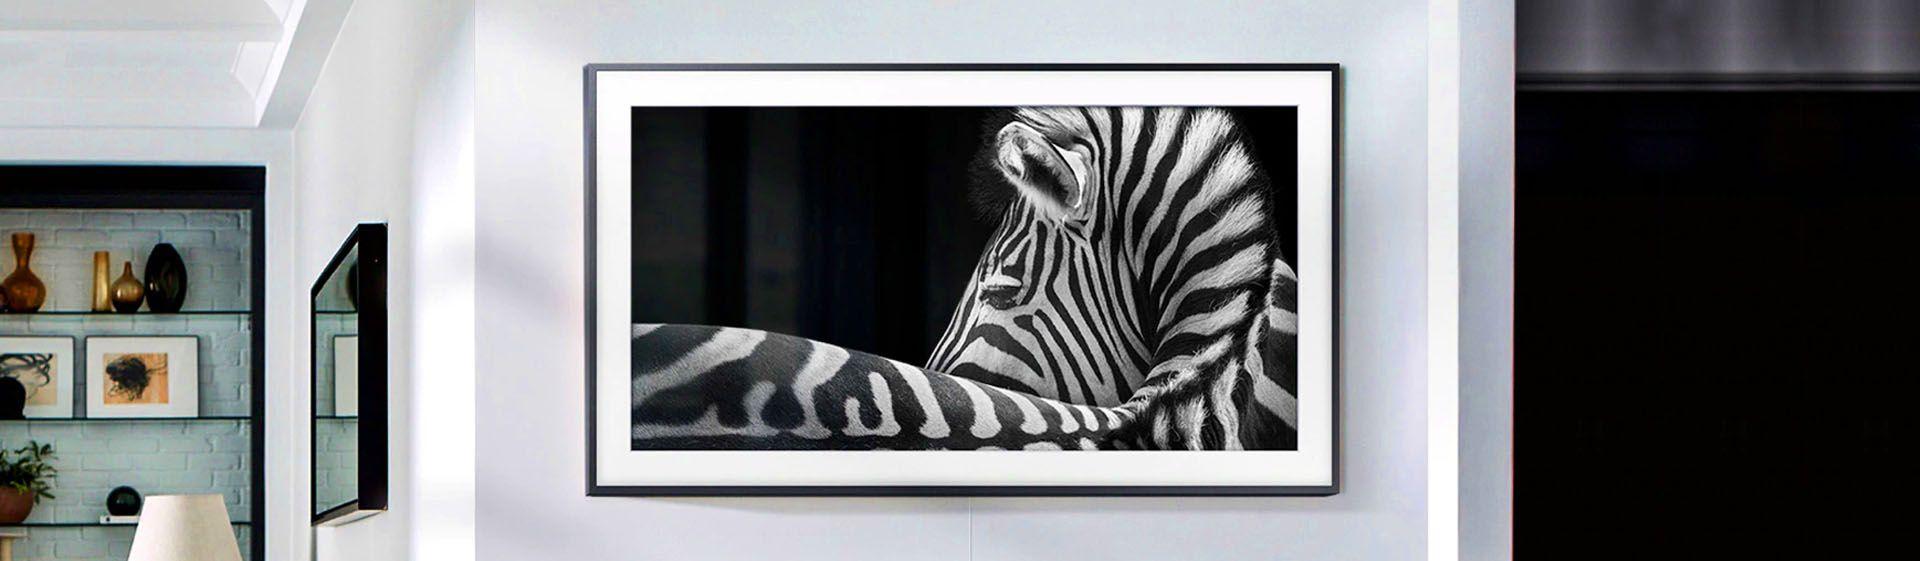 TVs Samsung 2020: confira os lançamentos do 1º semestre do ano